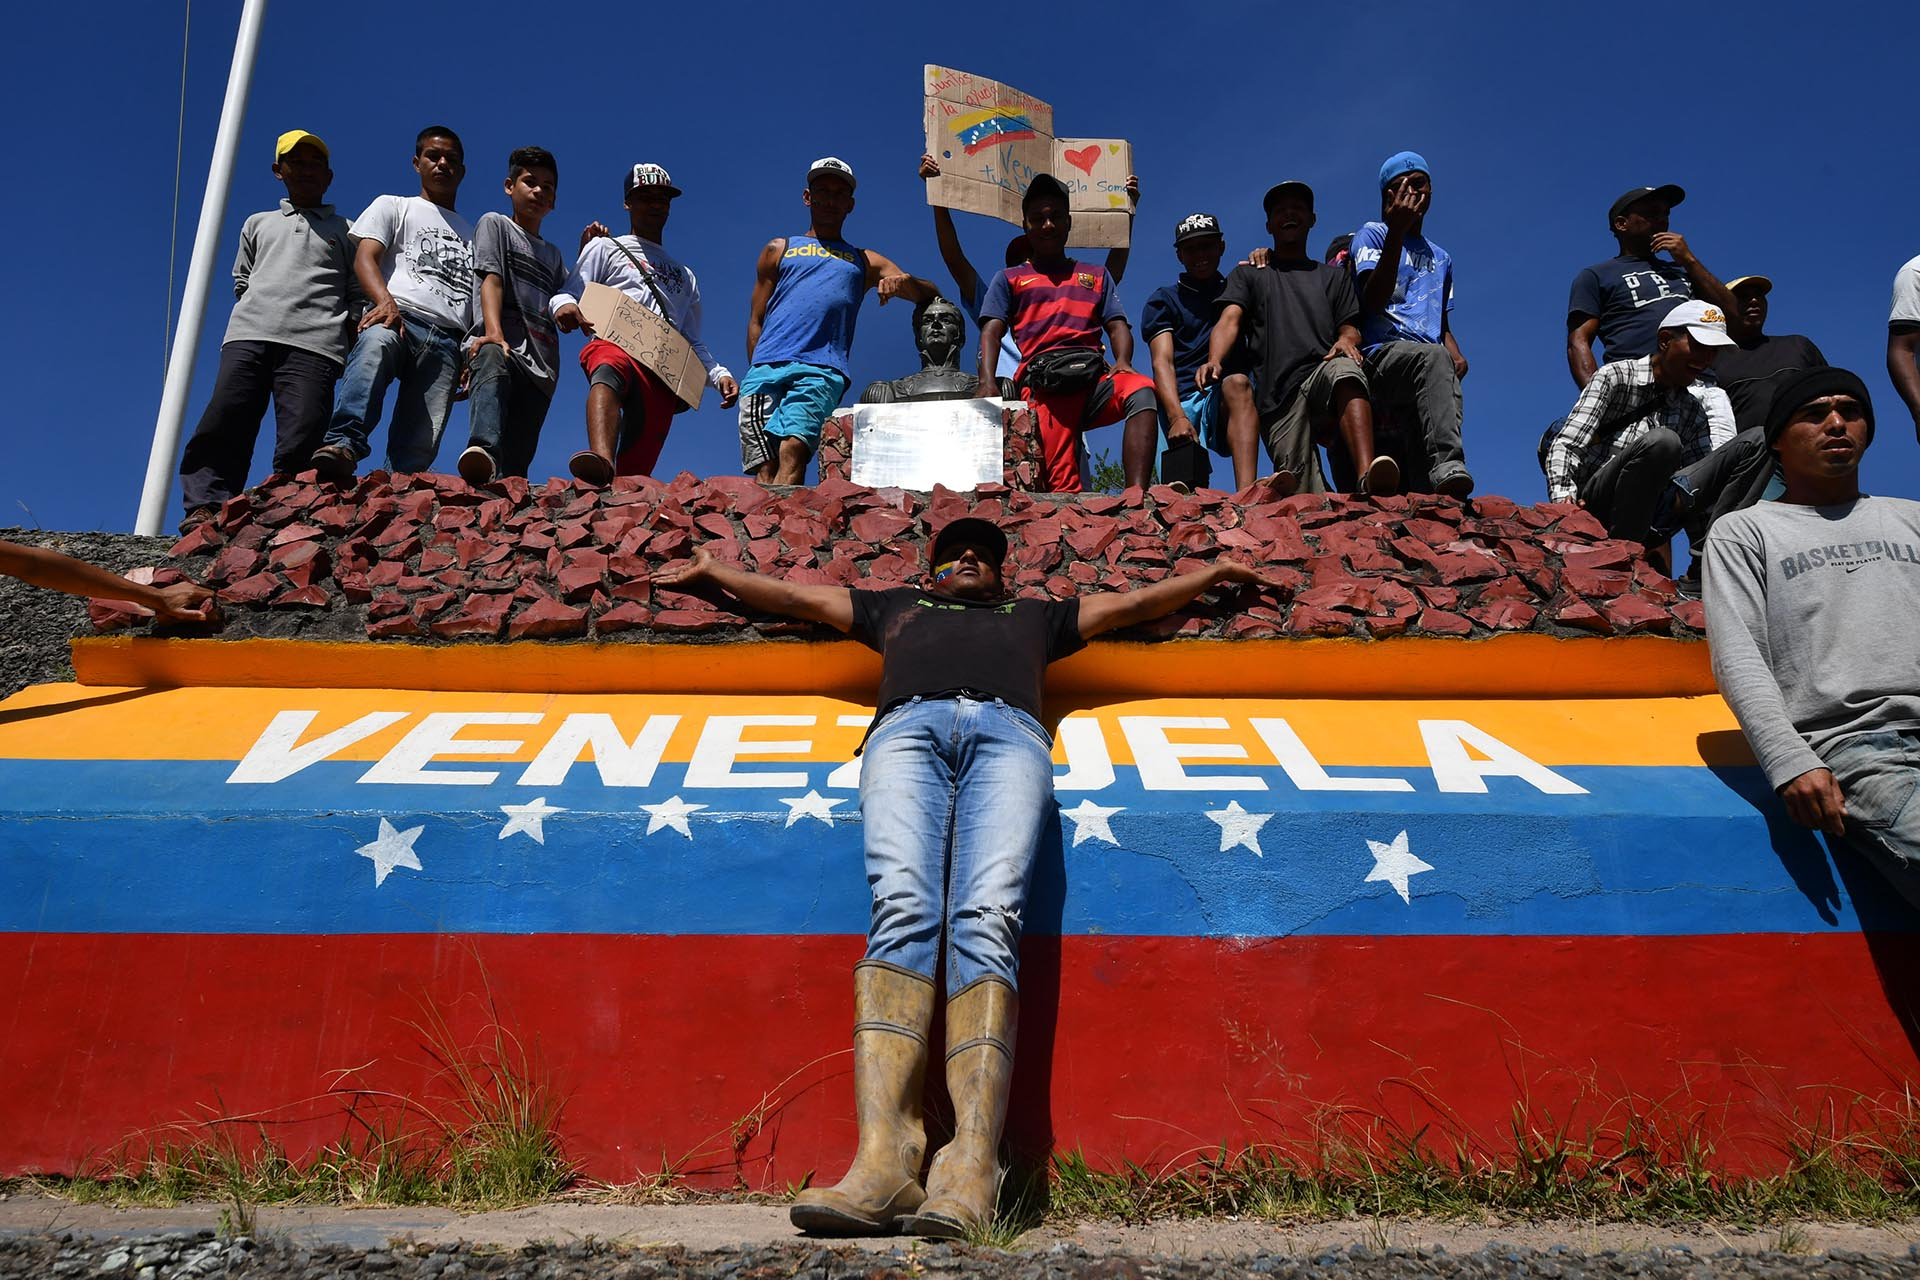 El 23 de febrero de 2019, la gente se encuentra en la frontera entre Brasil y Venezuela en Pacaraima, estado de Roraima, Brasil (AFP)